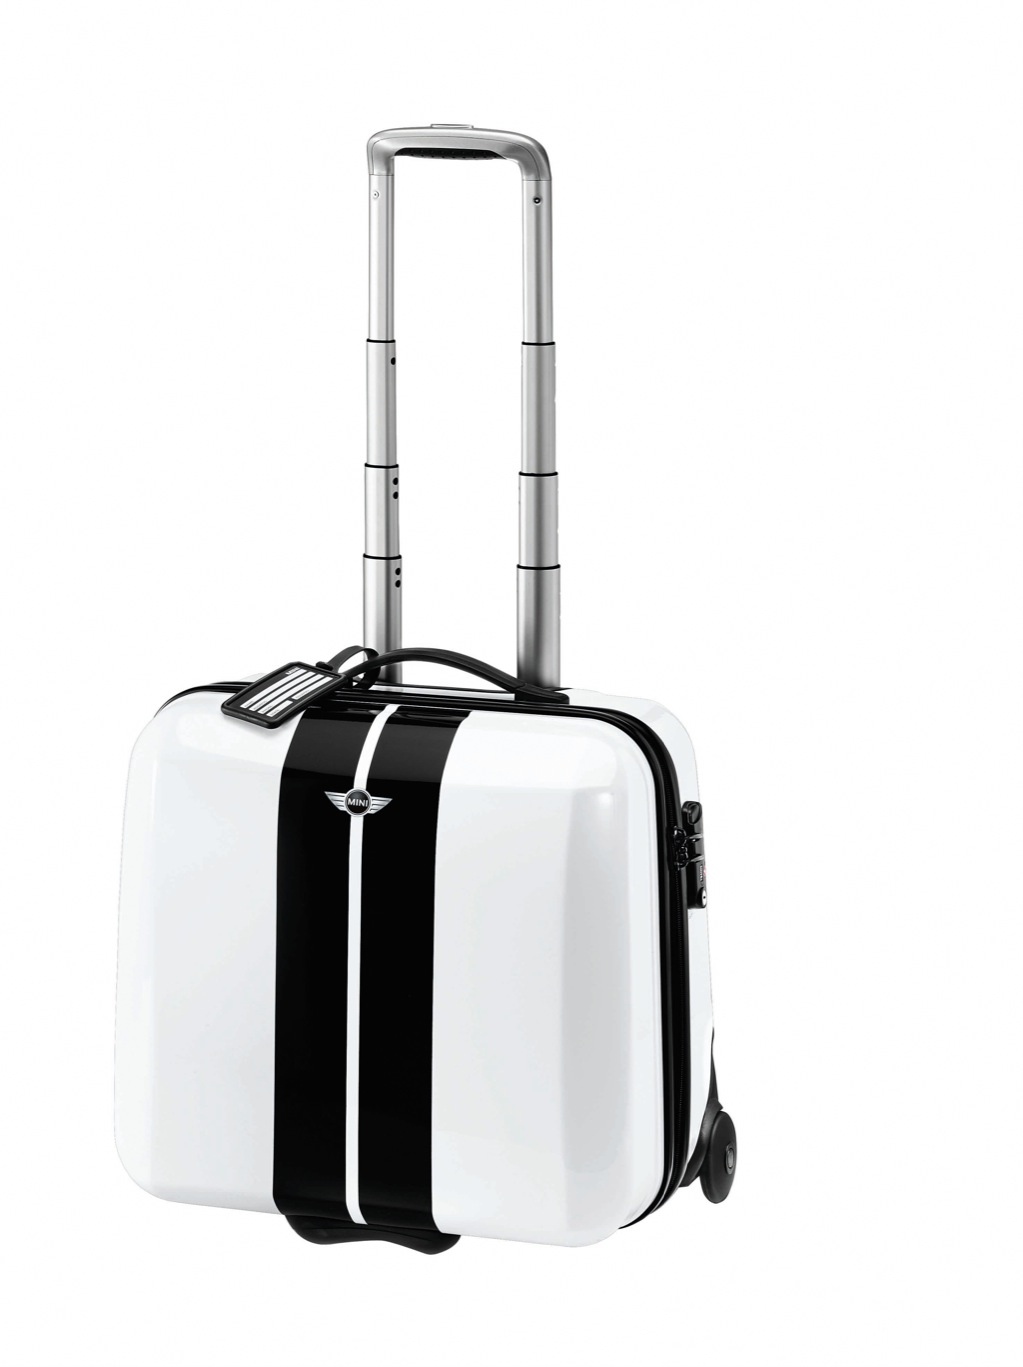 Mini Cooper 2018 >> MINI Countryman Luggage Collection Launched - autoevolution